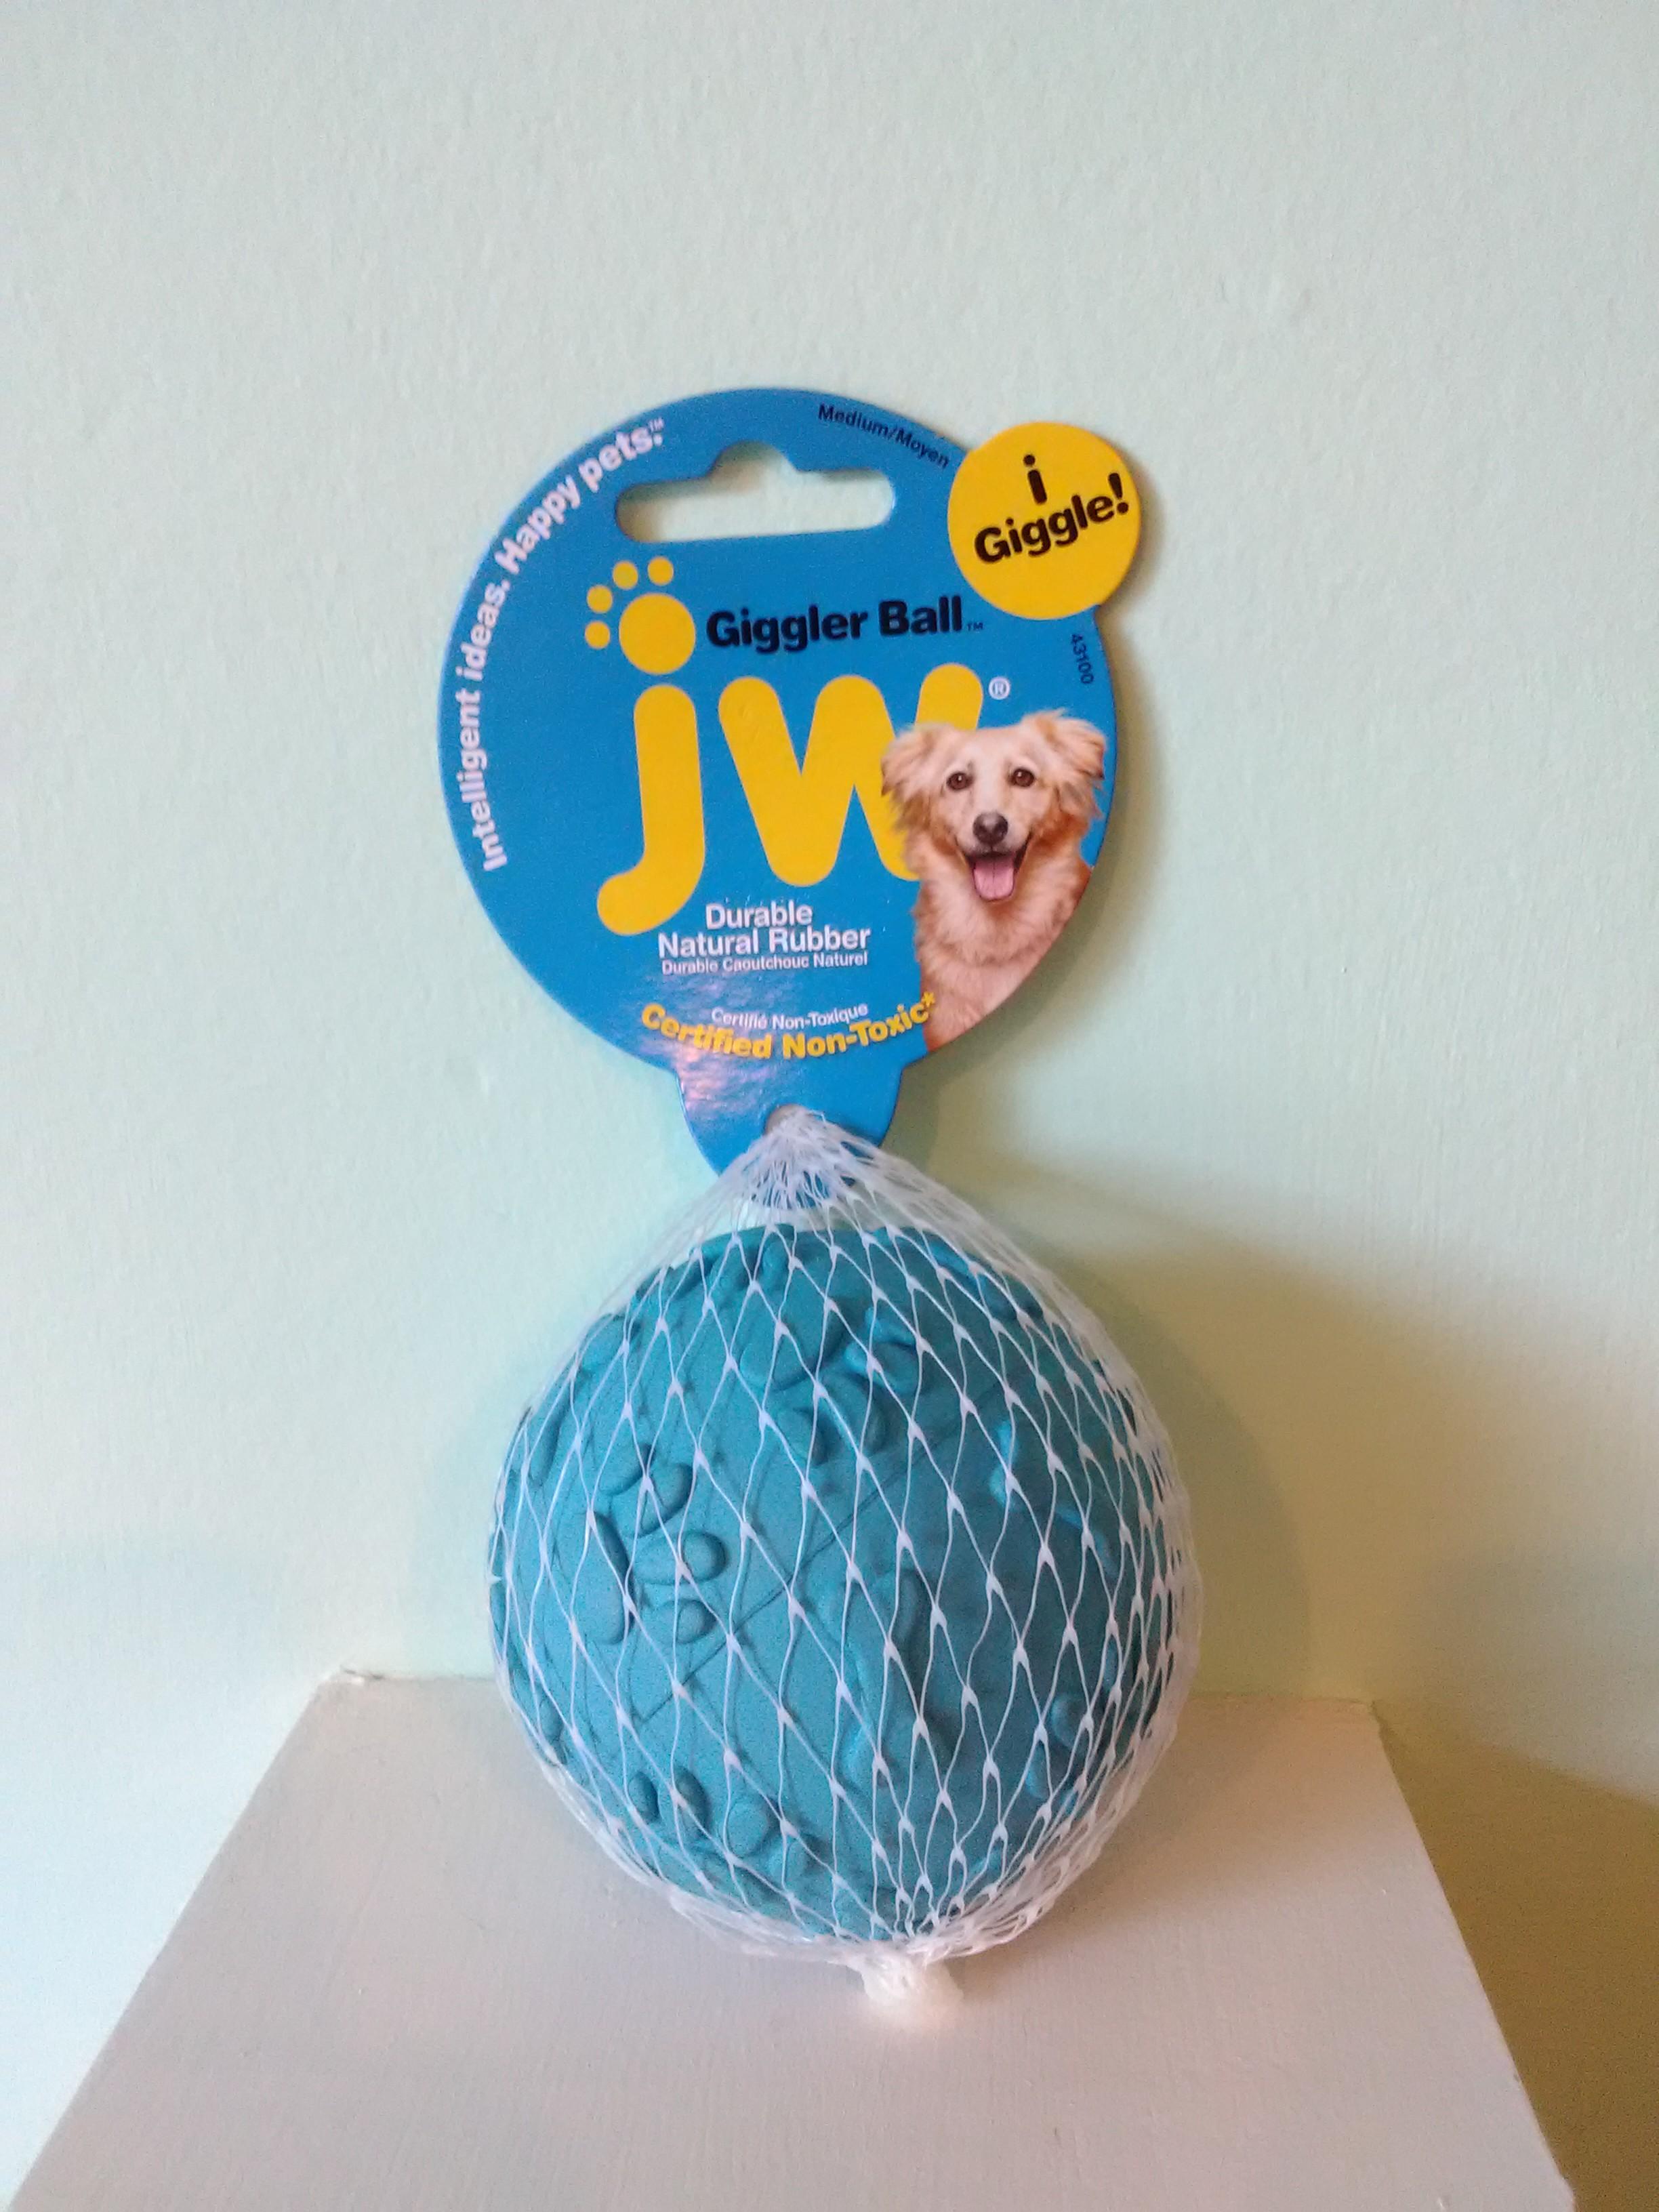 JW Giggler Ball